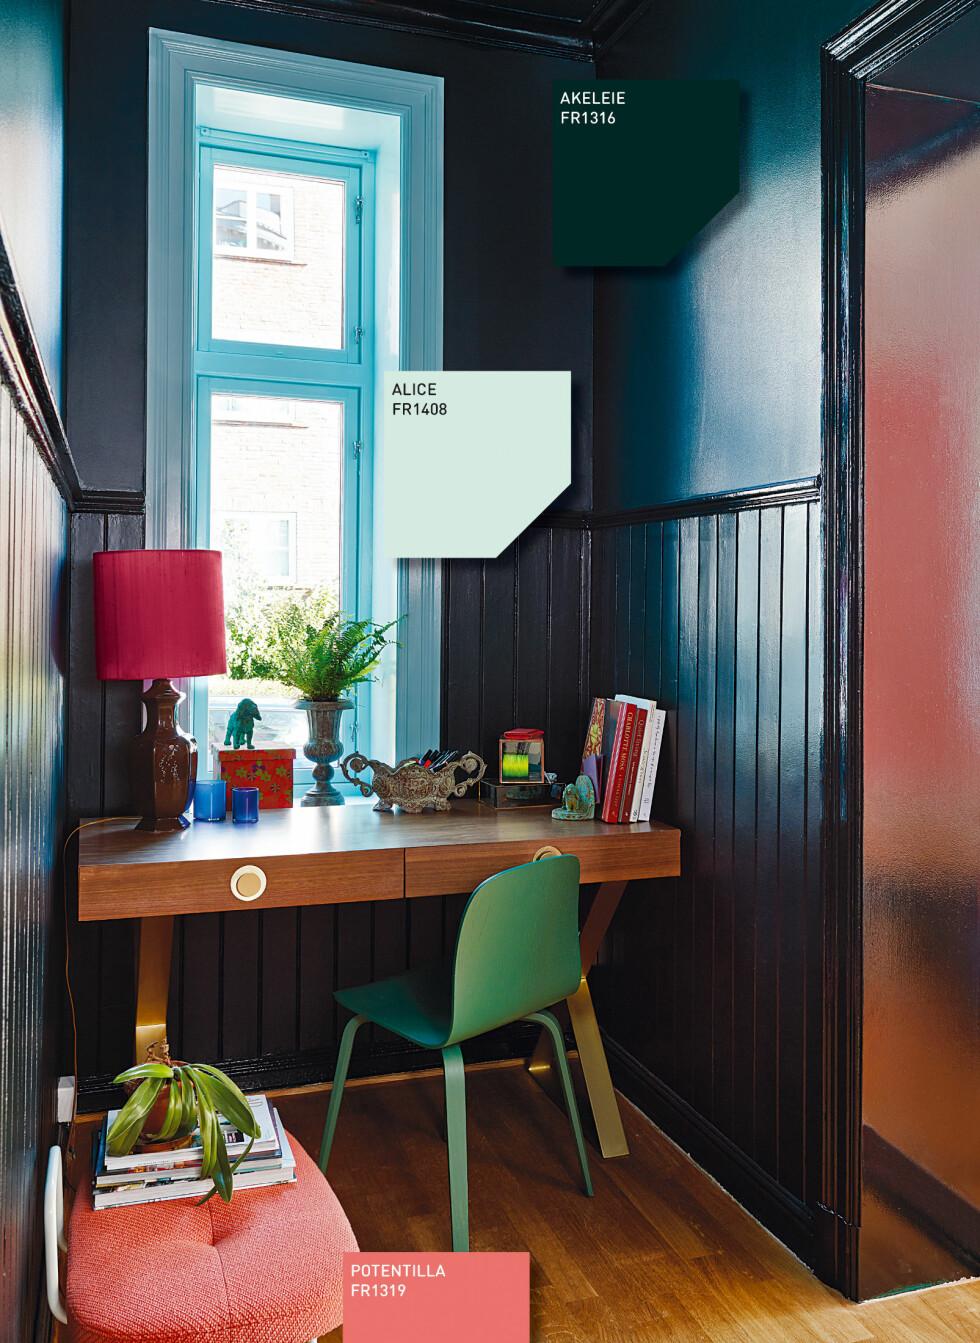 Helt mørkeblågrønt gir en dramatisk effekt, men kan man ikke like så godt bruke svart? – Forskjellen ligger i opplevelsen. Et rom som er malt i denne mørke blågrønne nyansen kan se sort ut, men man vil få en helt annen opplevelse i et rom med blågrønne toner i det svarte, sier Dagny Thurmann-Hoelseth. Foto: Fargerike